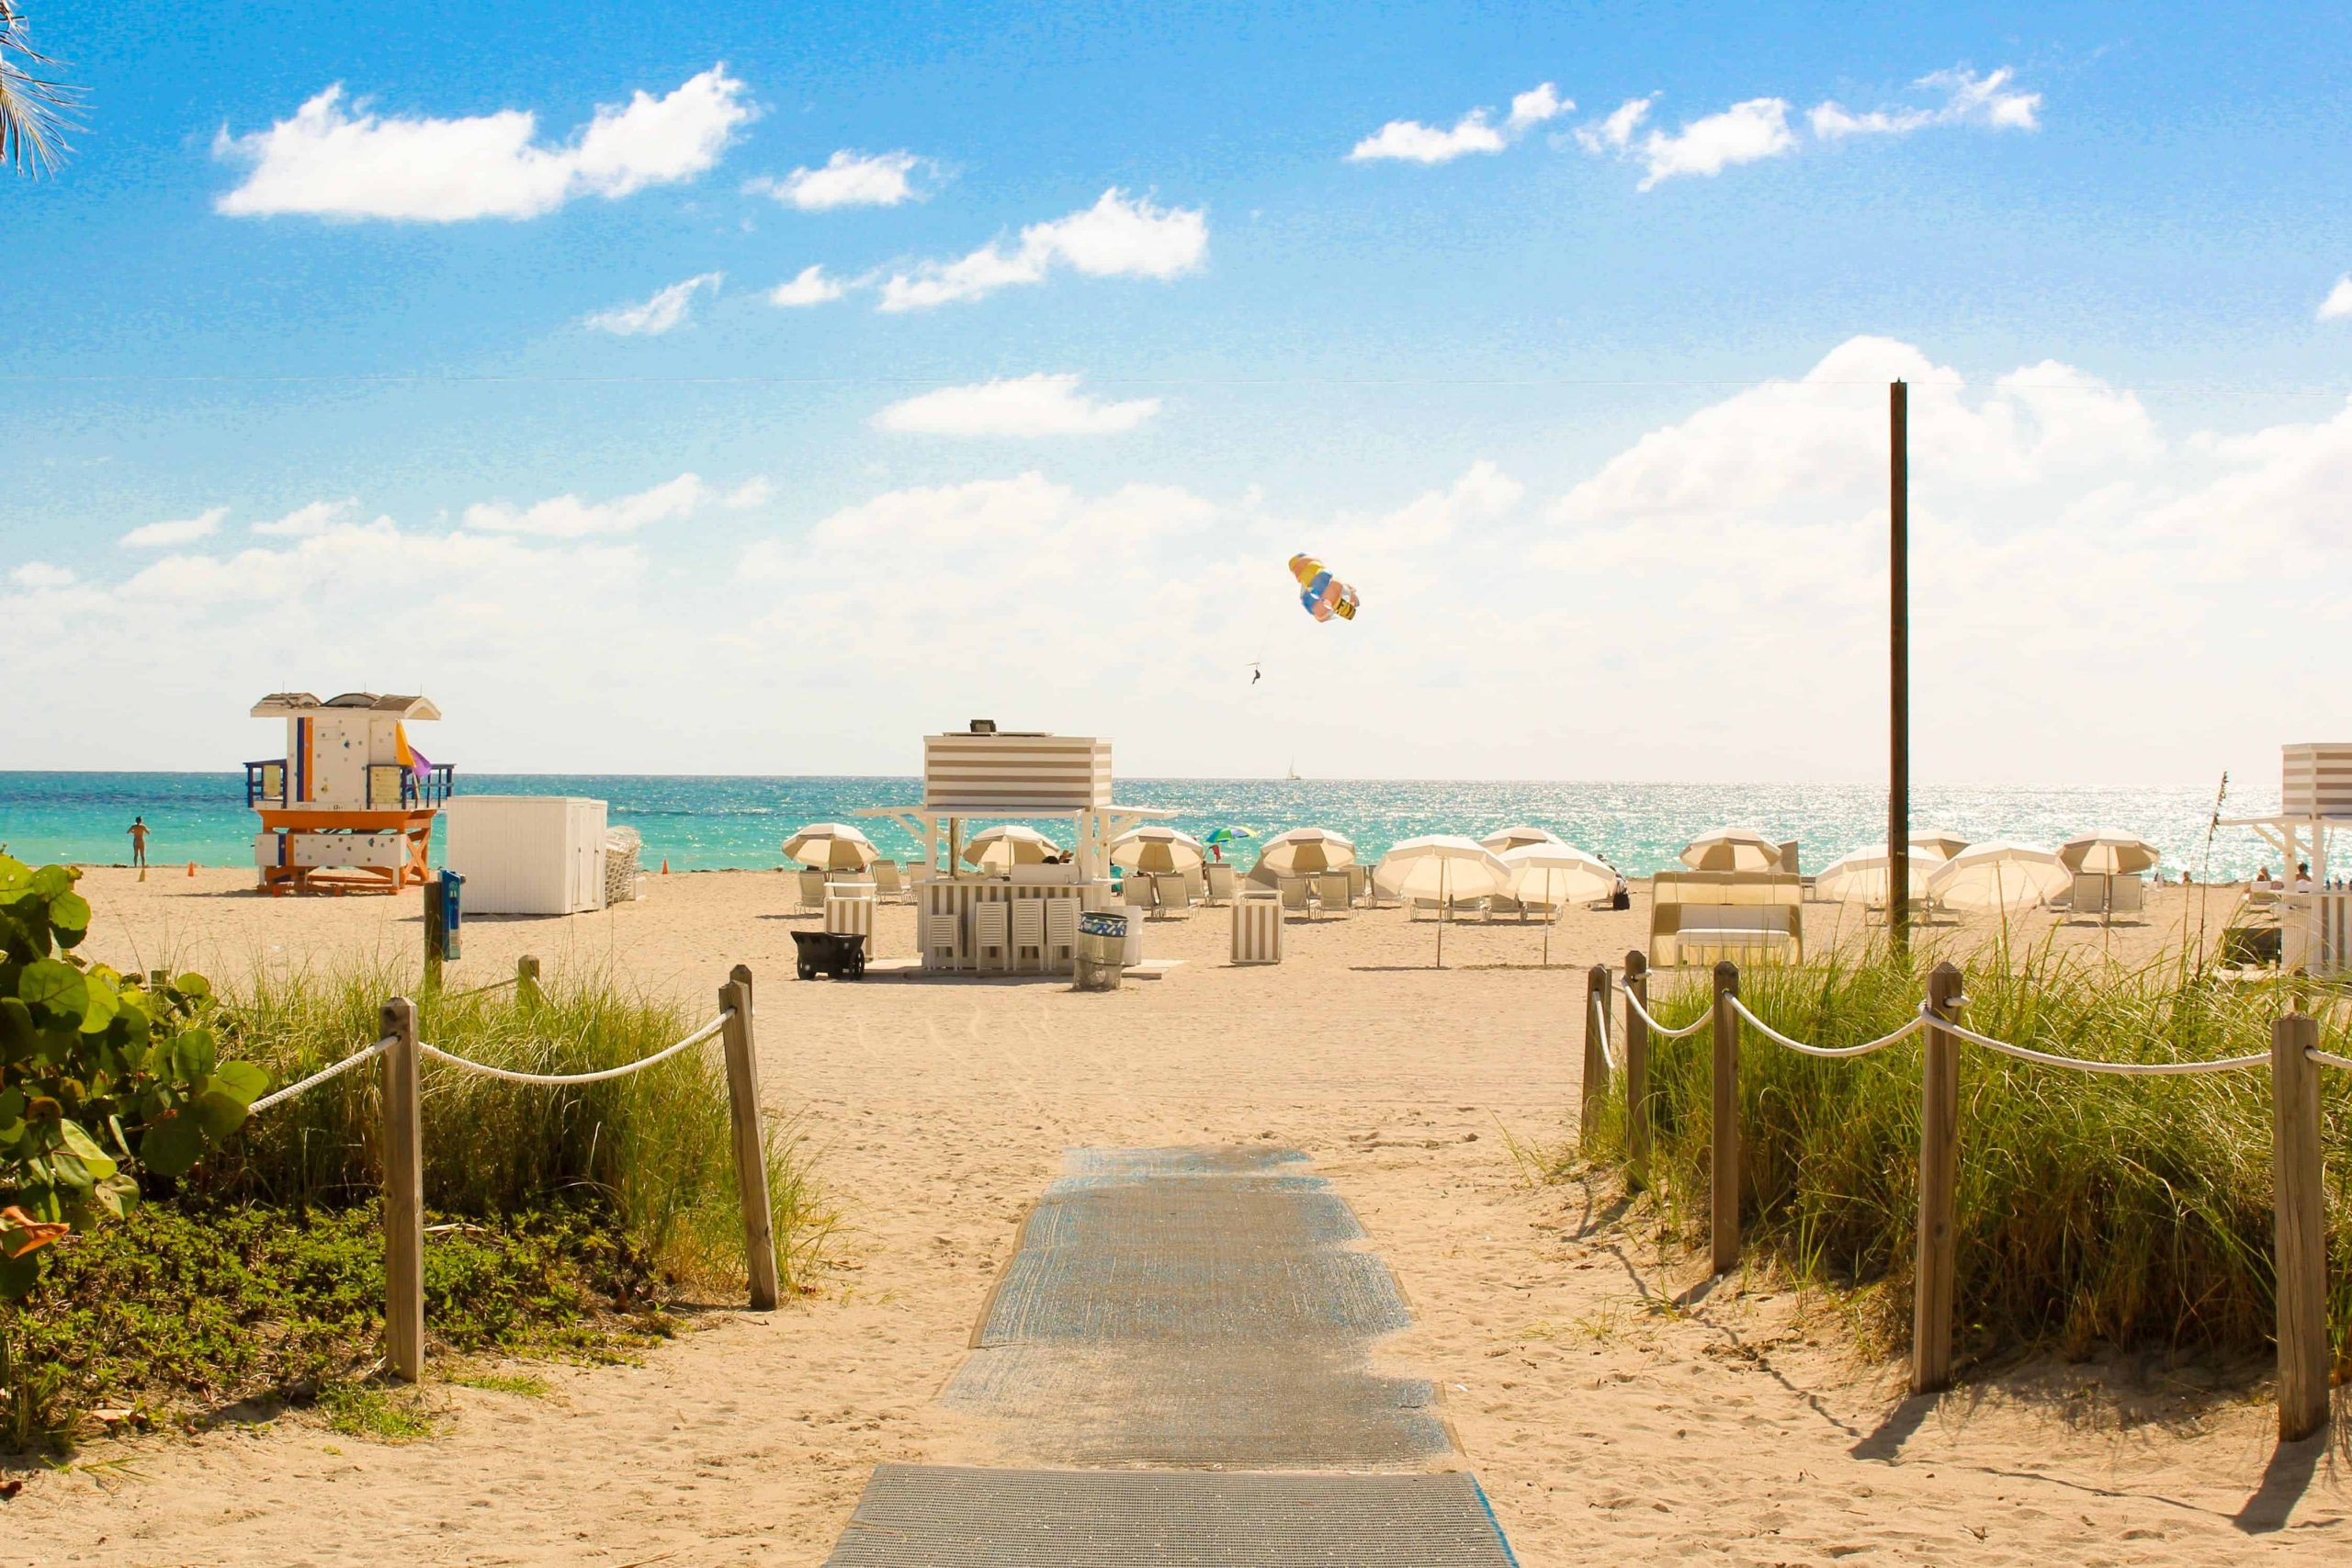 Les 8 différentes régions côtières de la Floride à visiter pour une escapade (partie 1 de 3)